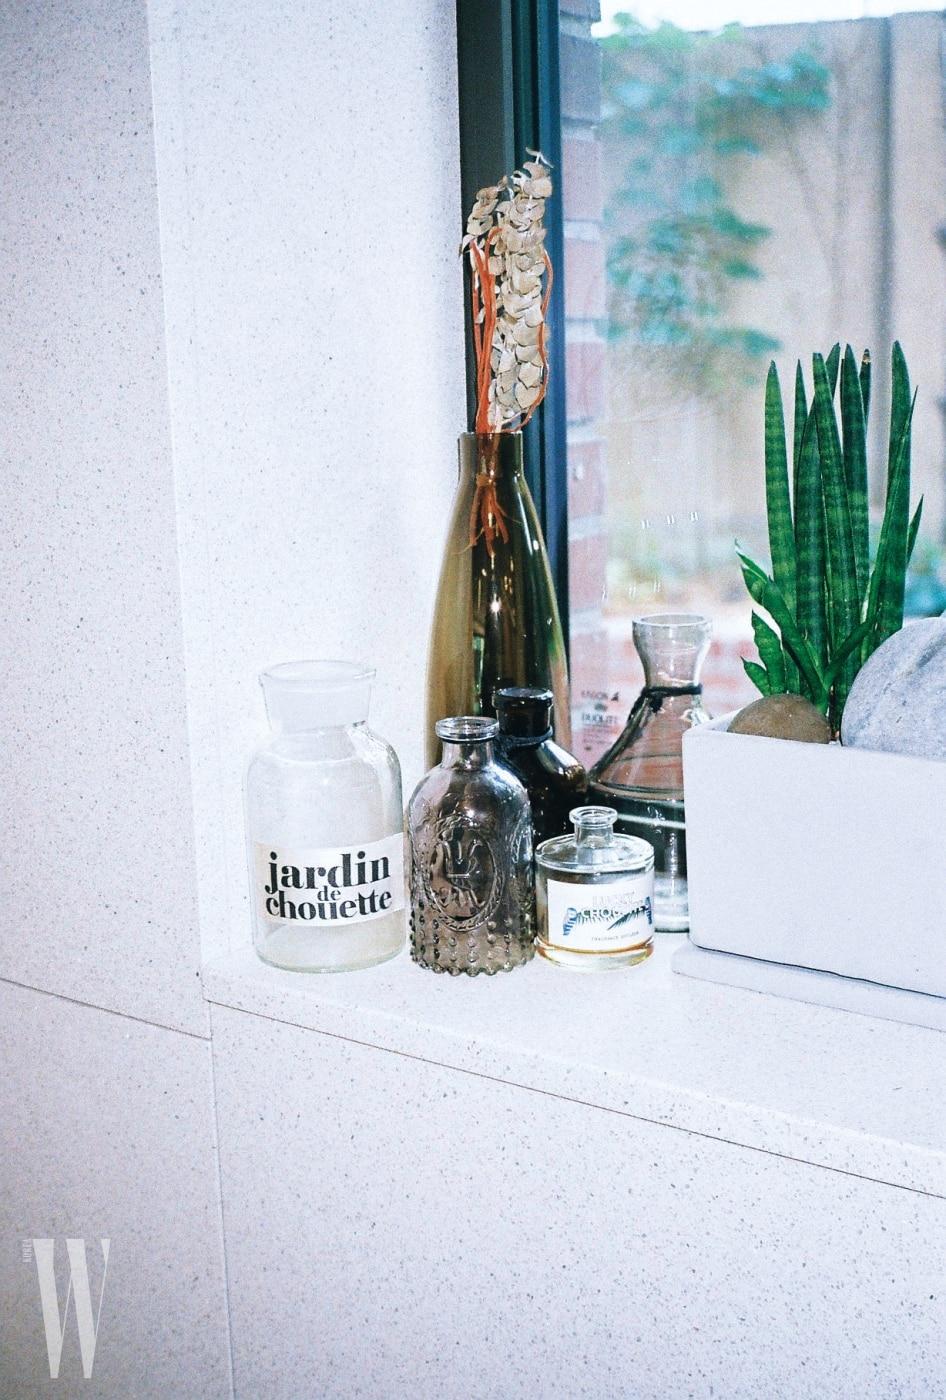 럭키 슈에뜨의 전신인 자뎅 드 슈에뜨 로고가 반갑다. 창가에 놓인 유리병과 식물들.